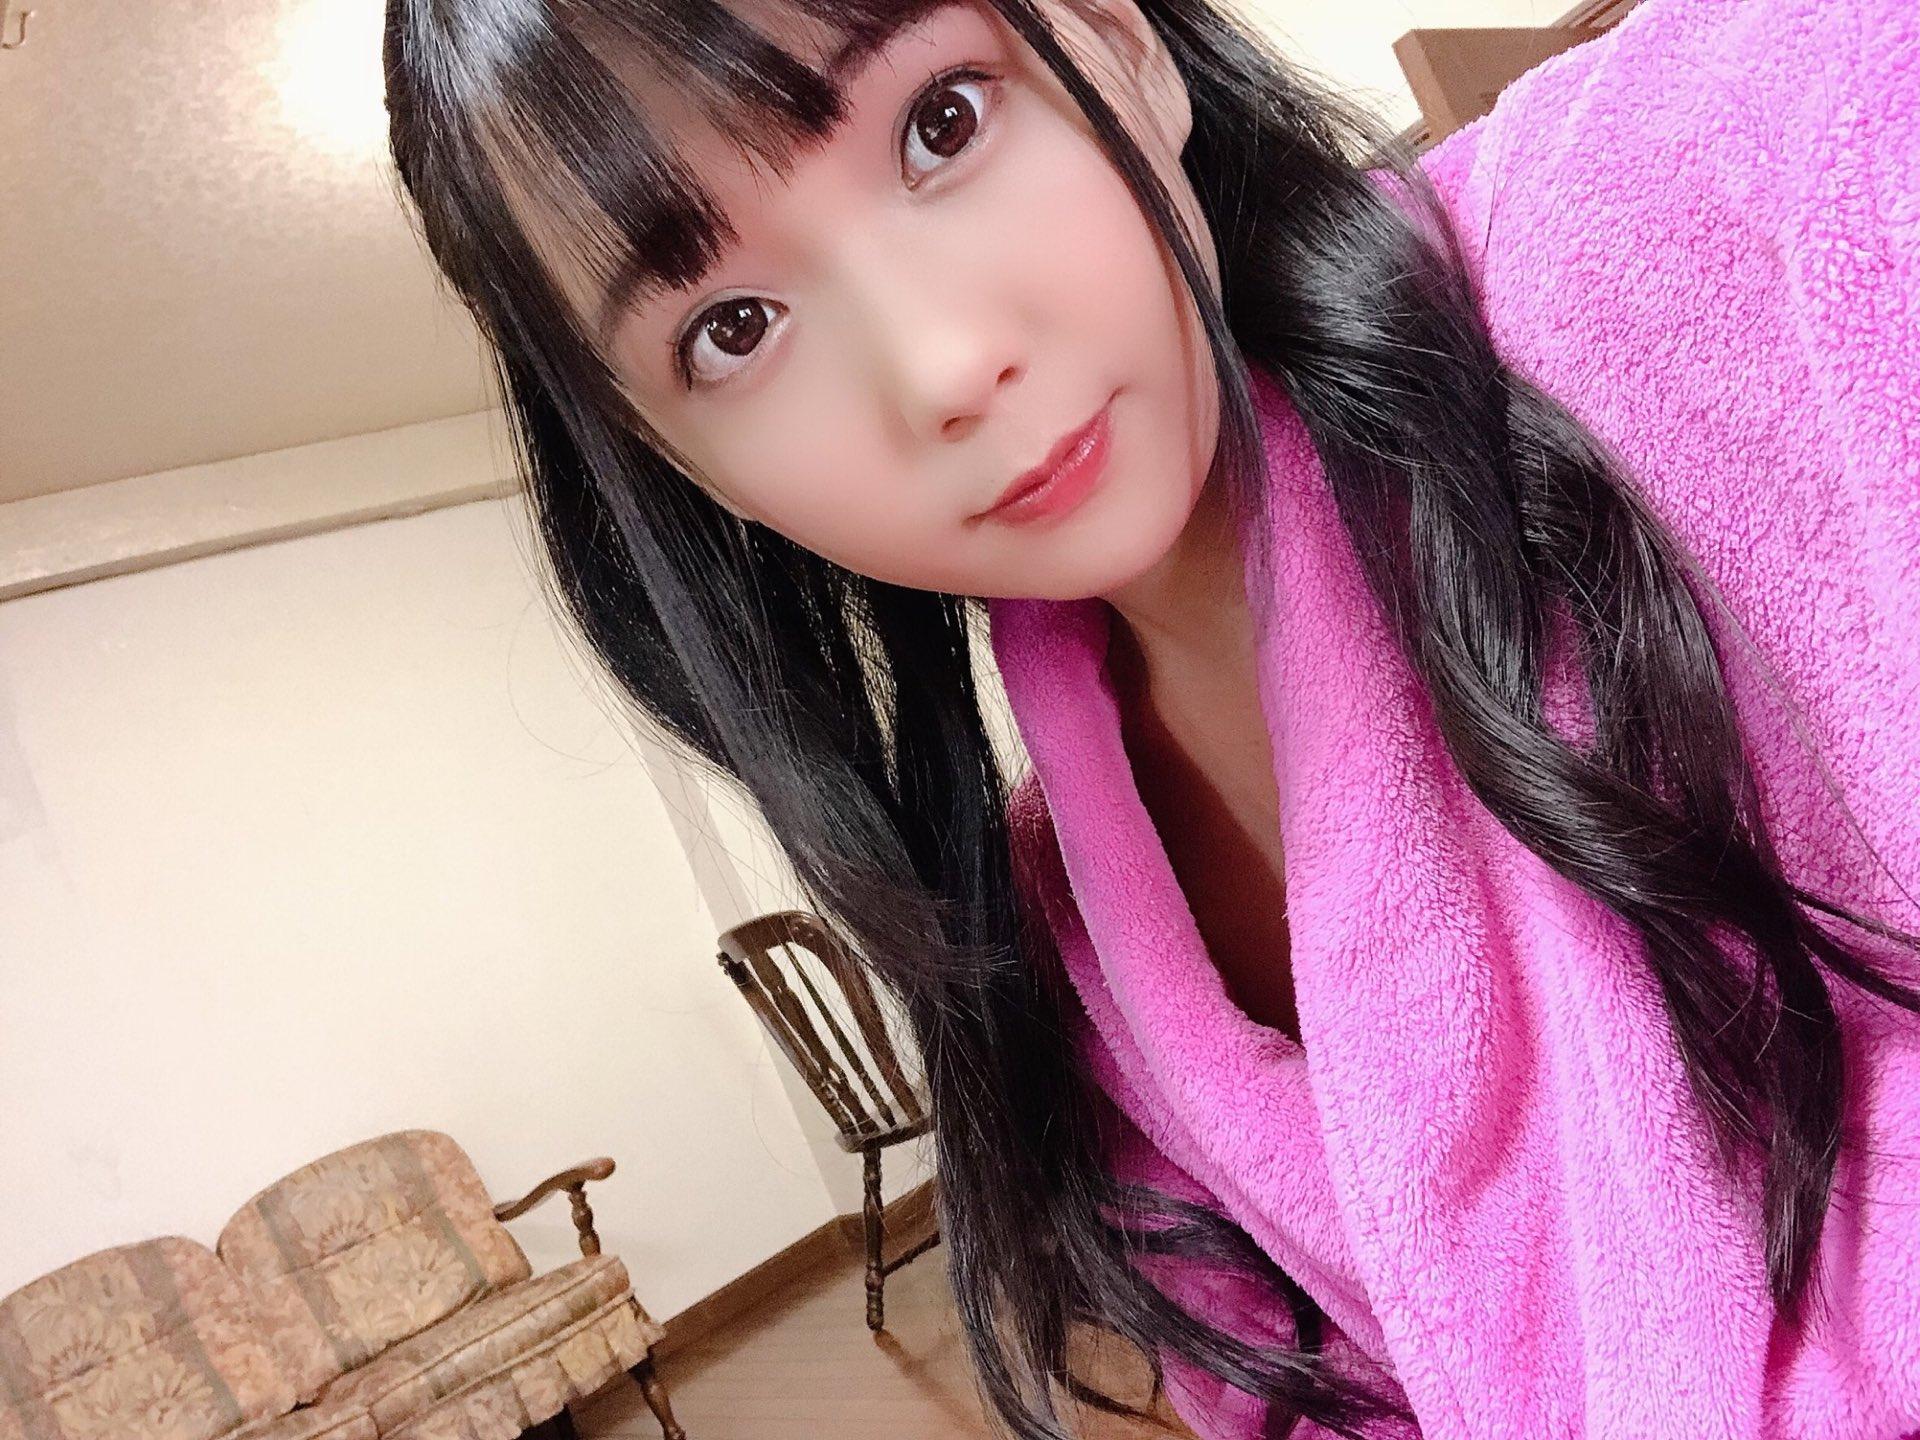 【有坂真宵エロ画像】ちっちゃ可愛くて美巨乳くびれの超絶ボディな有坂真宵!